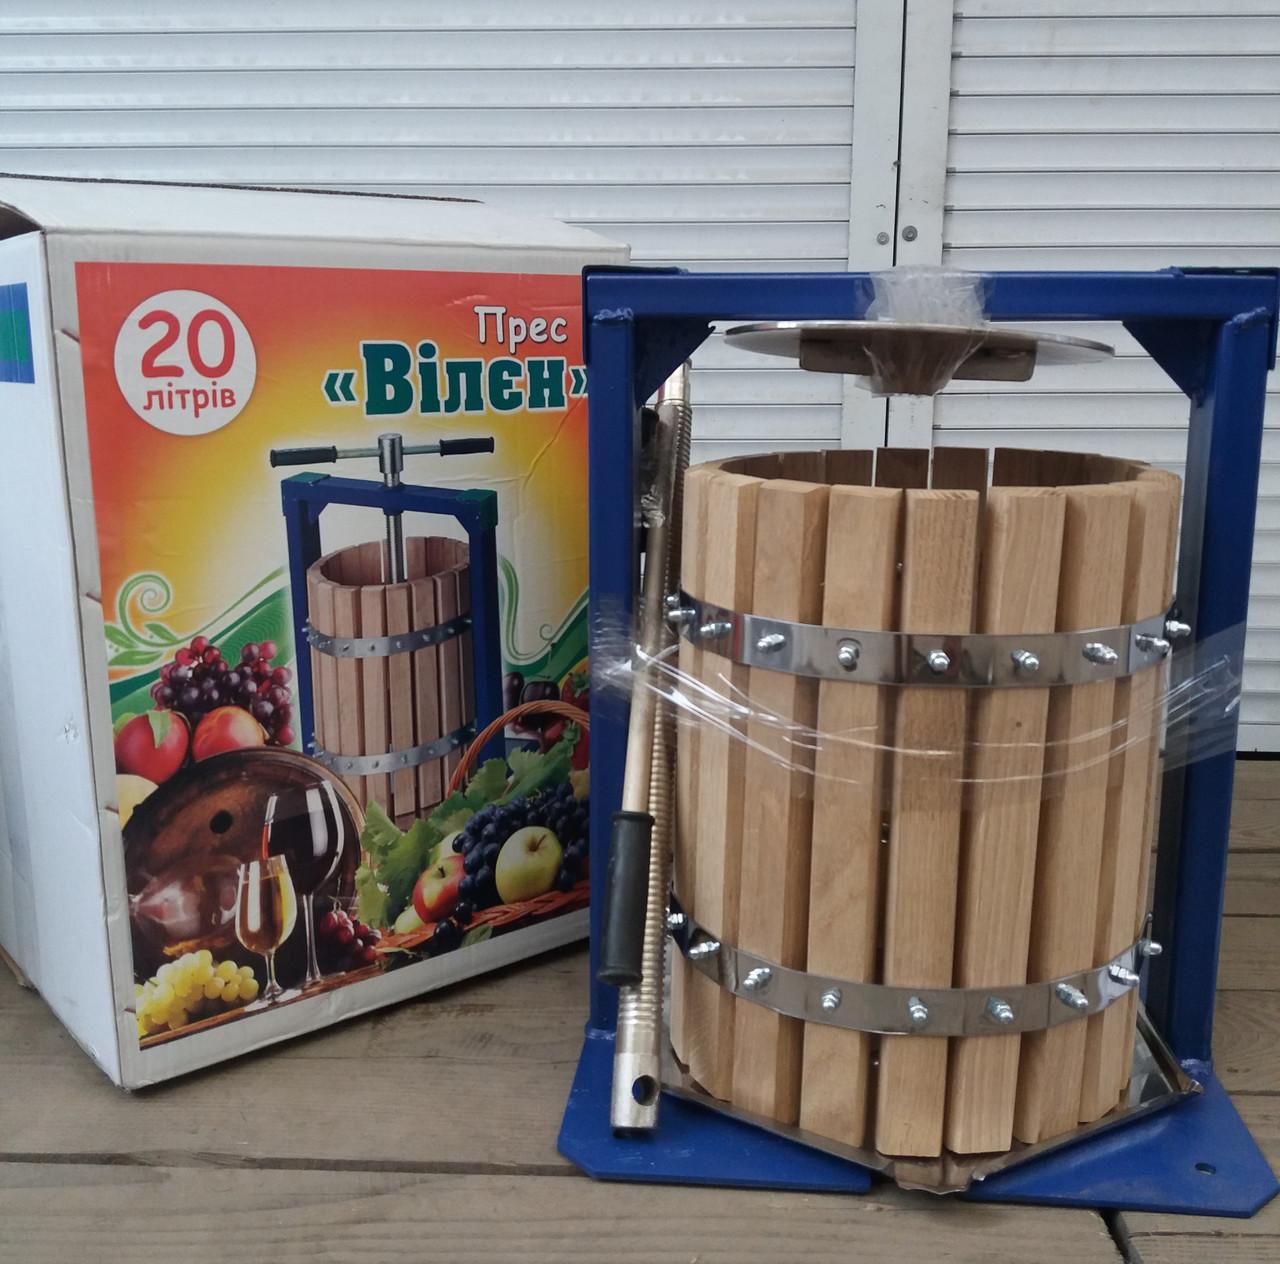 Пресс винтовой для винограда Вилен 20л с дубовой корзиной